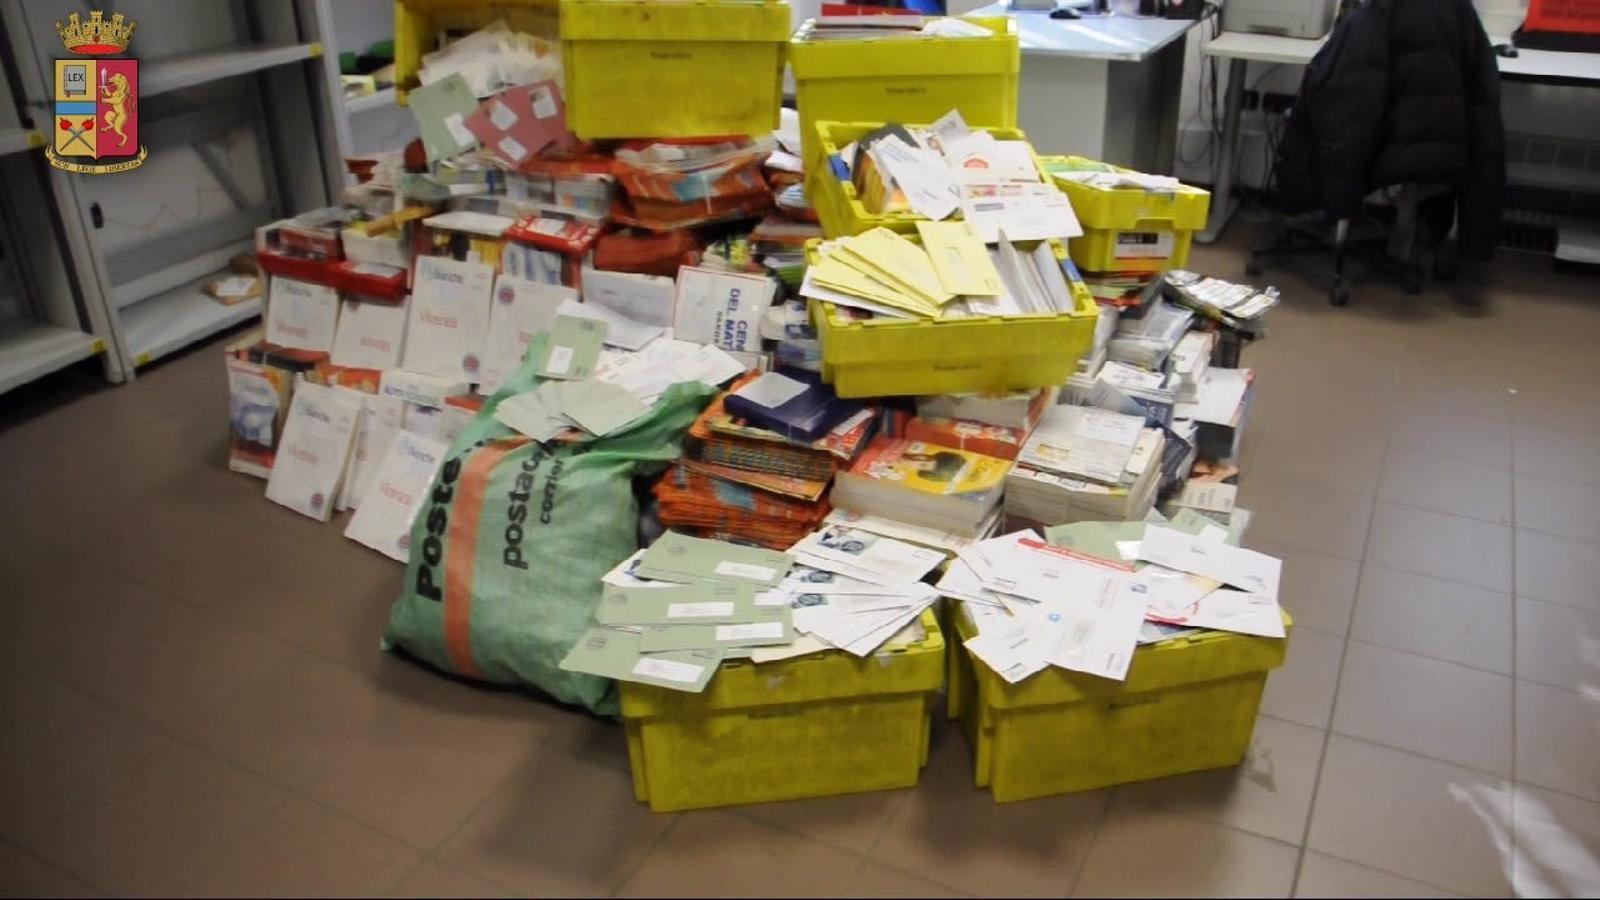 La policia va decomissar mitja tona de cartes i paquets